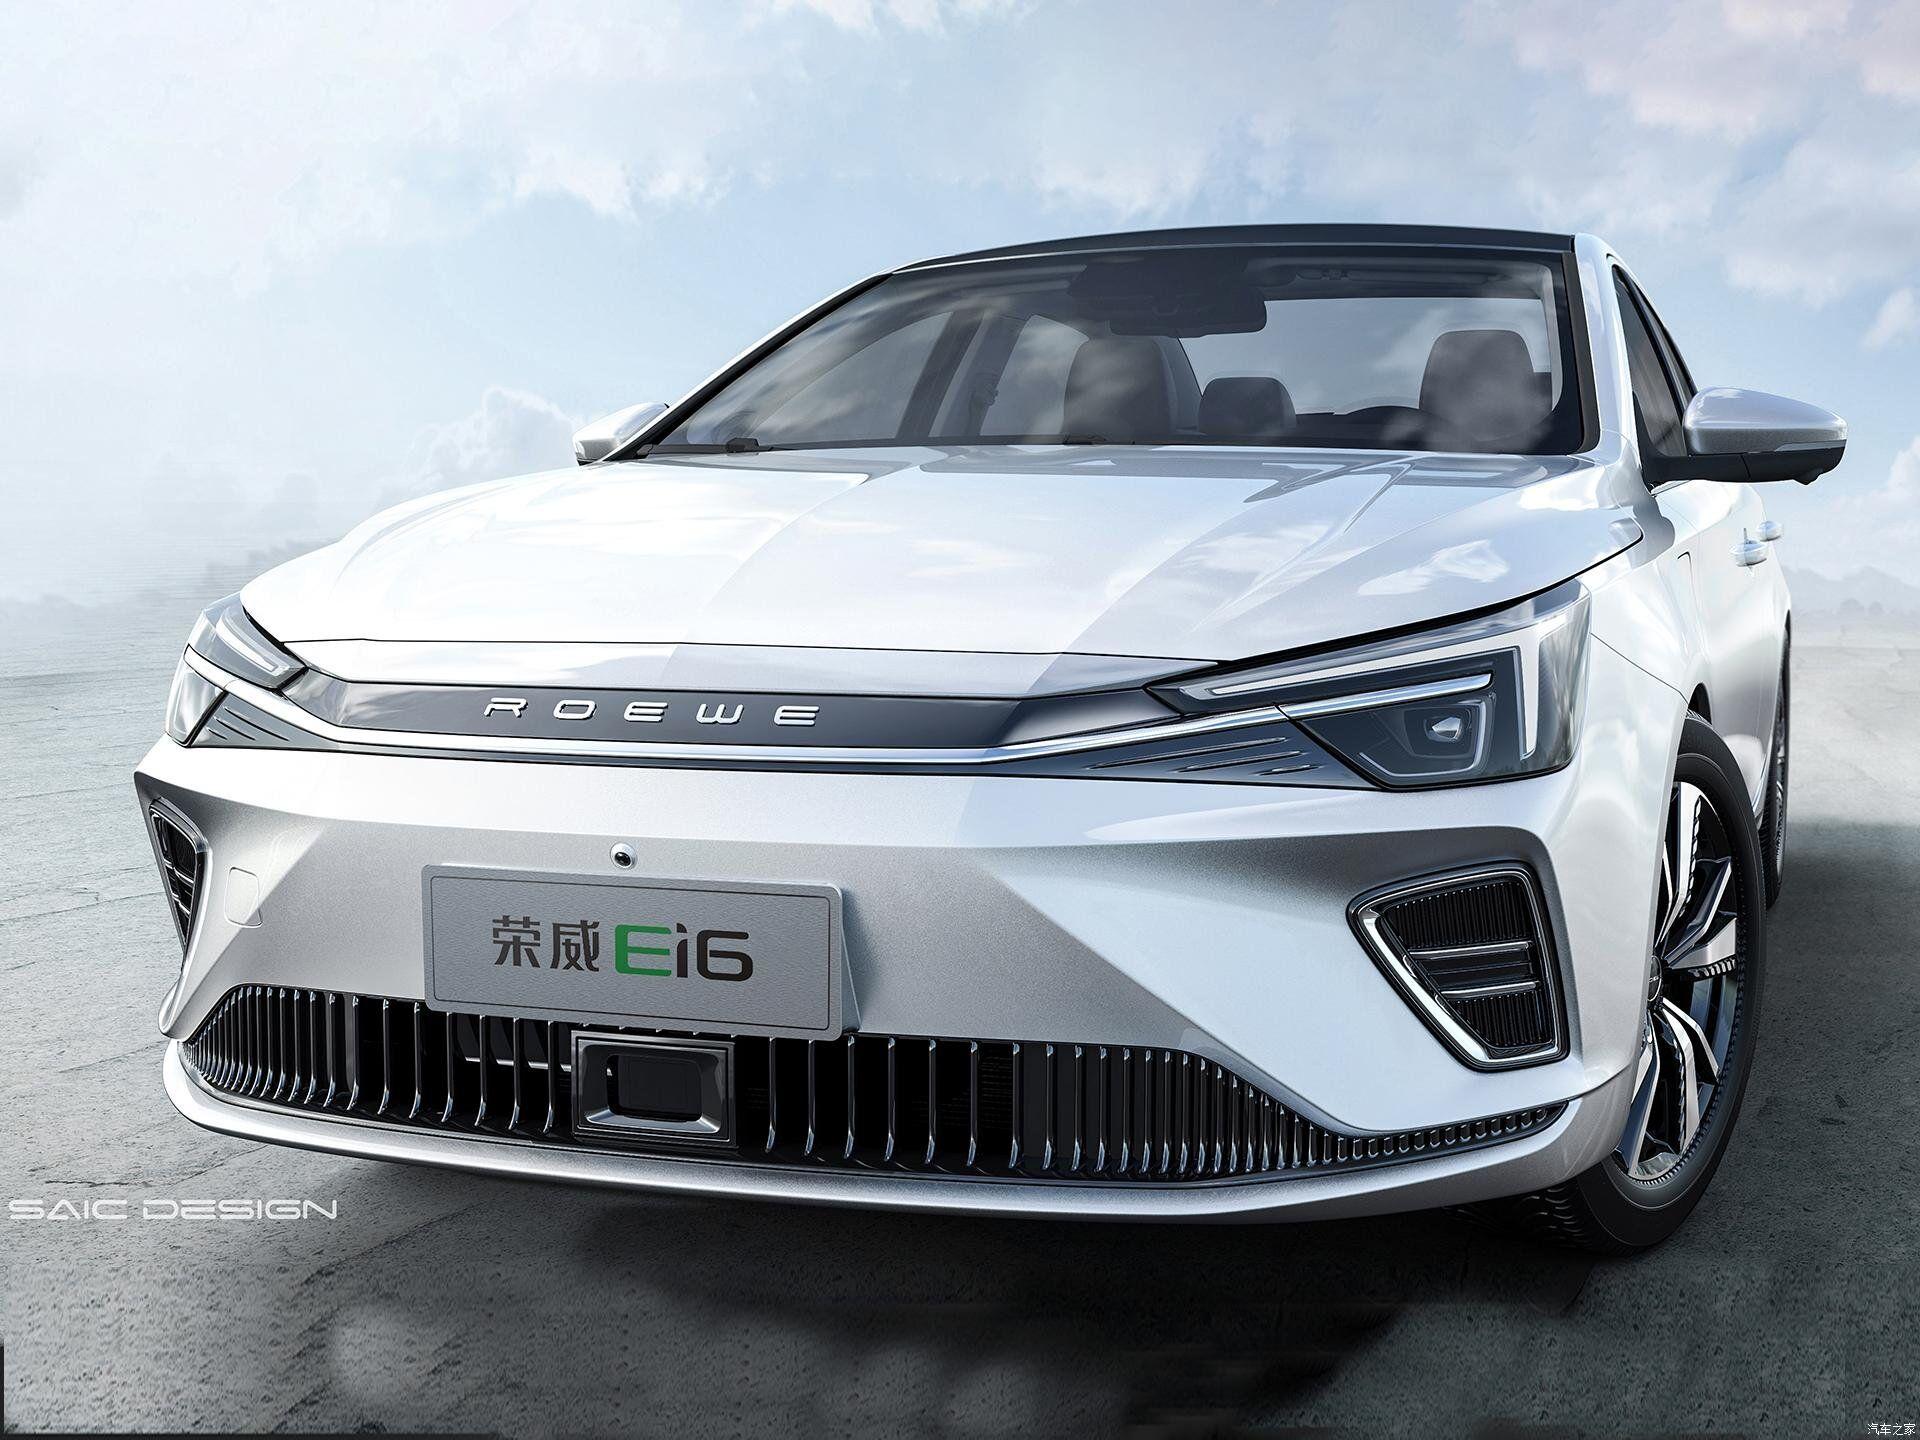 Новый электромобиль Roewe Ei6 спереди отличается другим оформлением